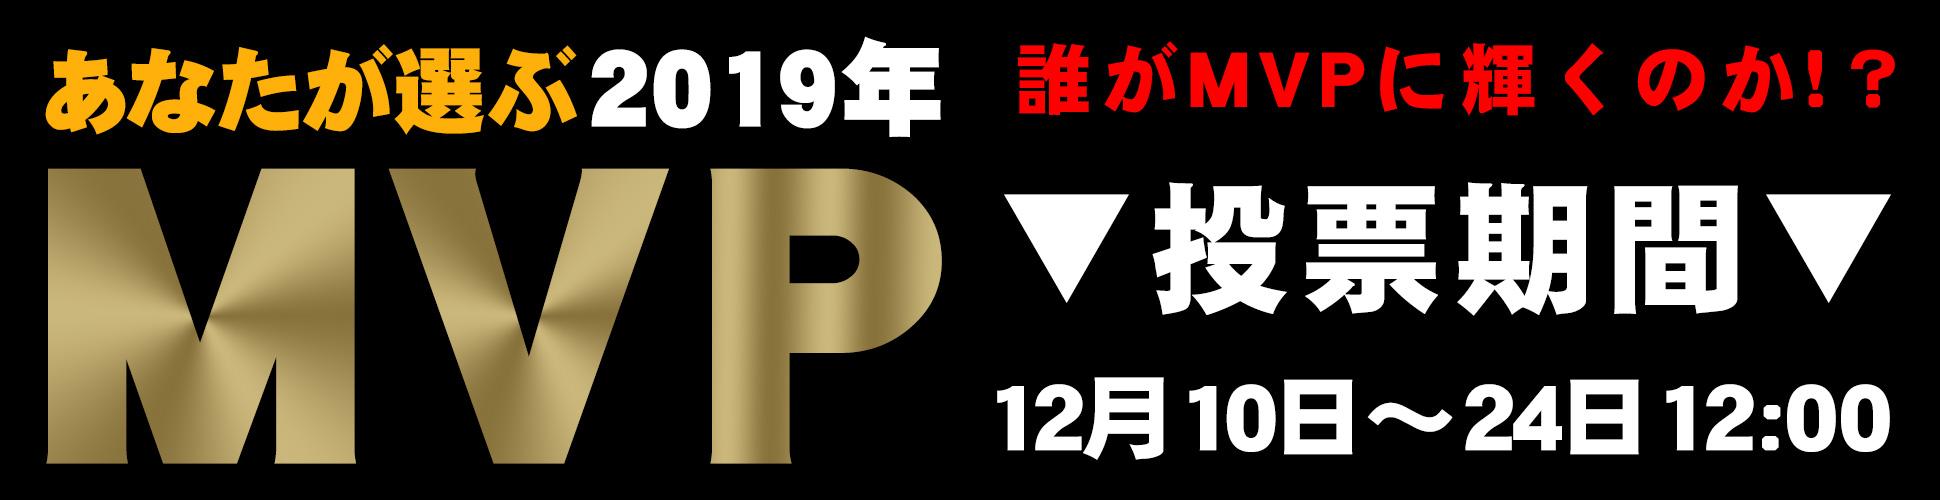 あなたが選ぶ2019MVP!!